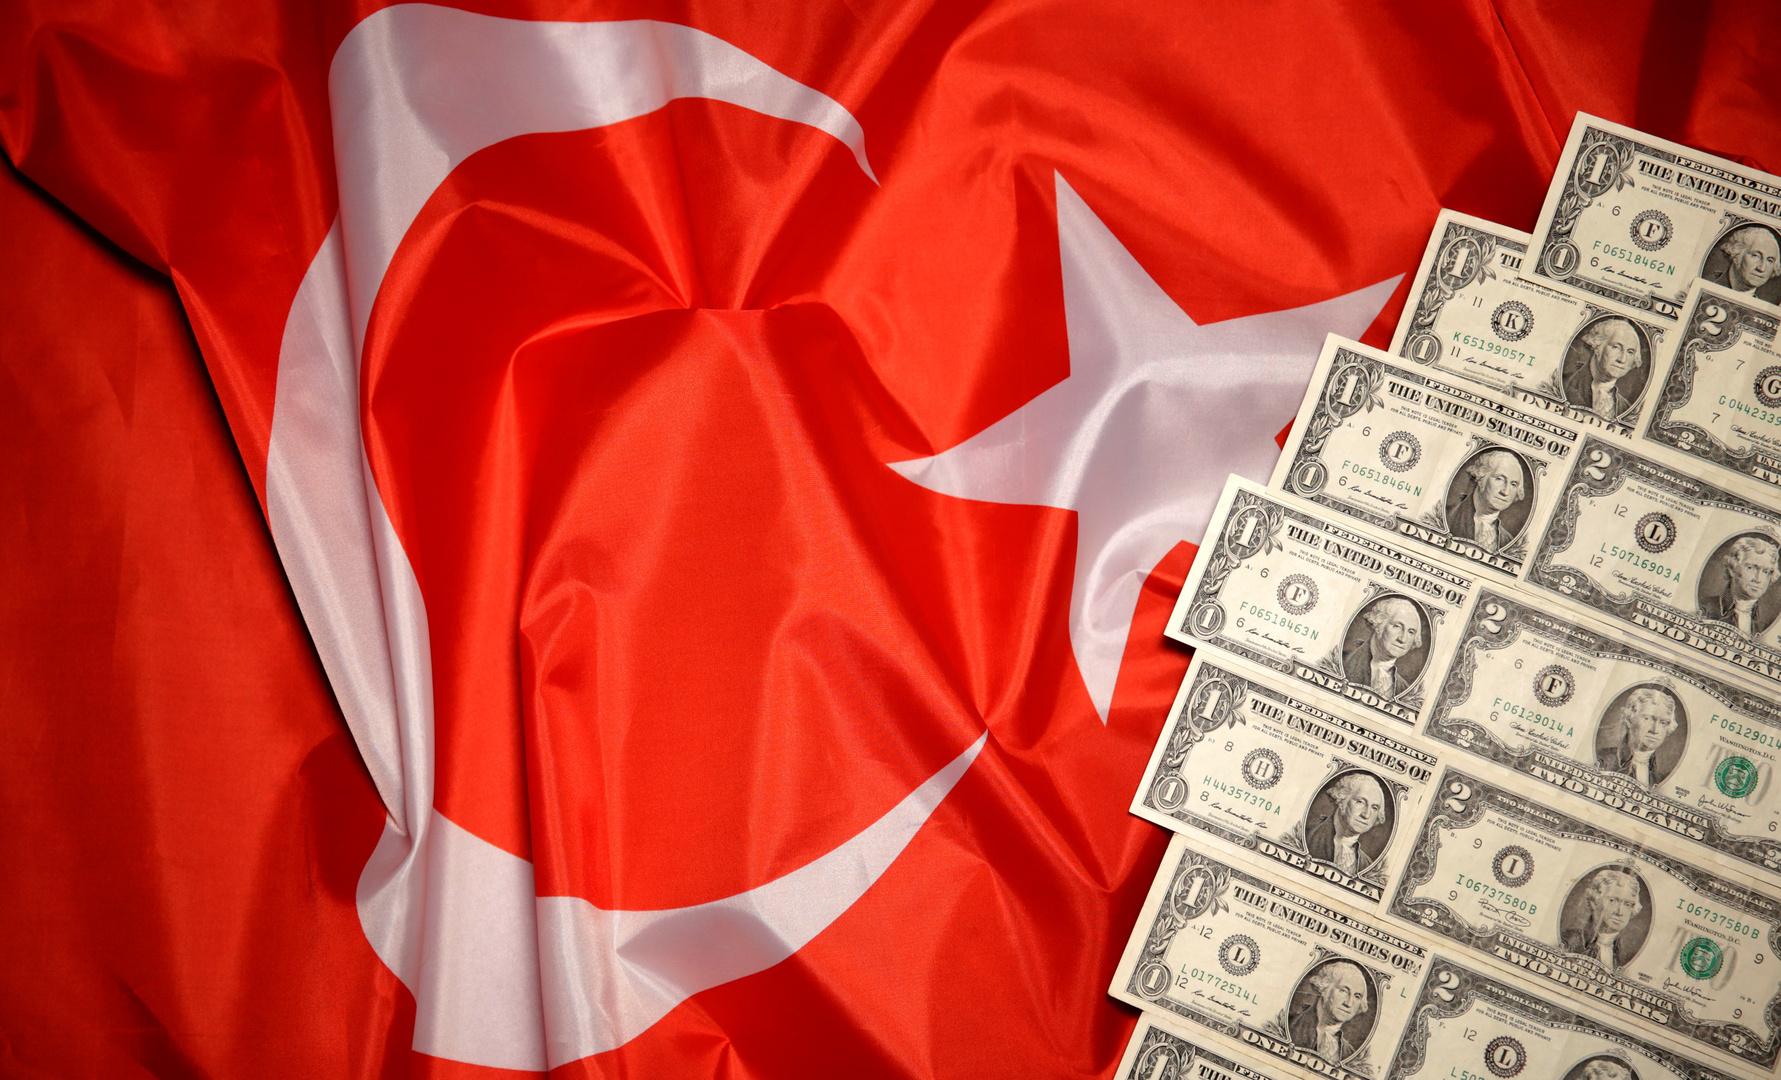 معدل البطالة في تركيا يستقر عند 13.4%